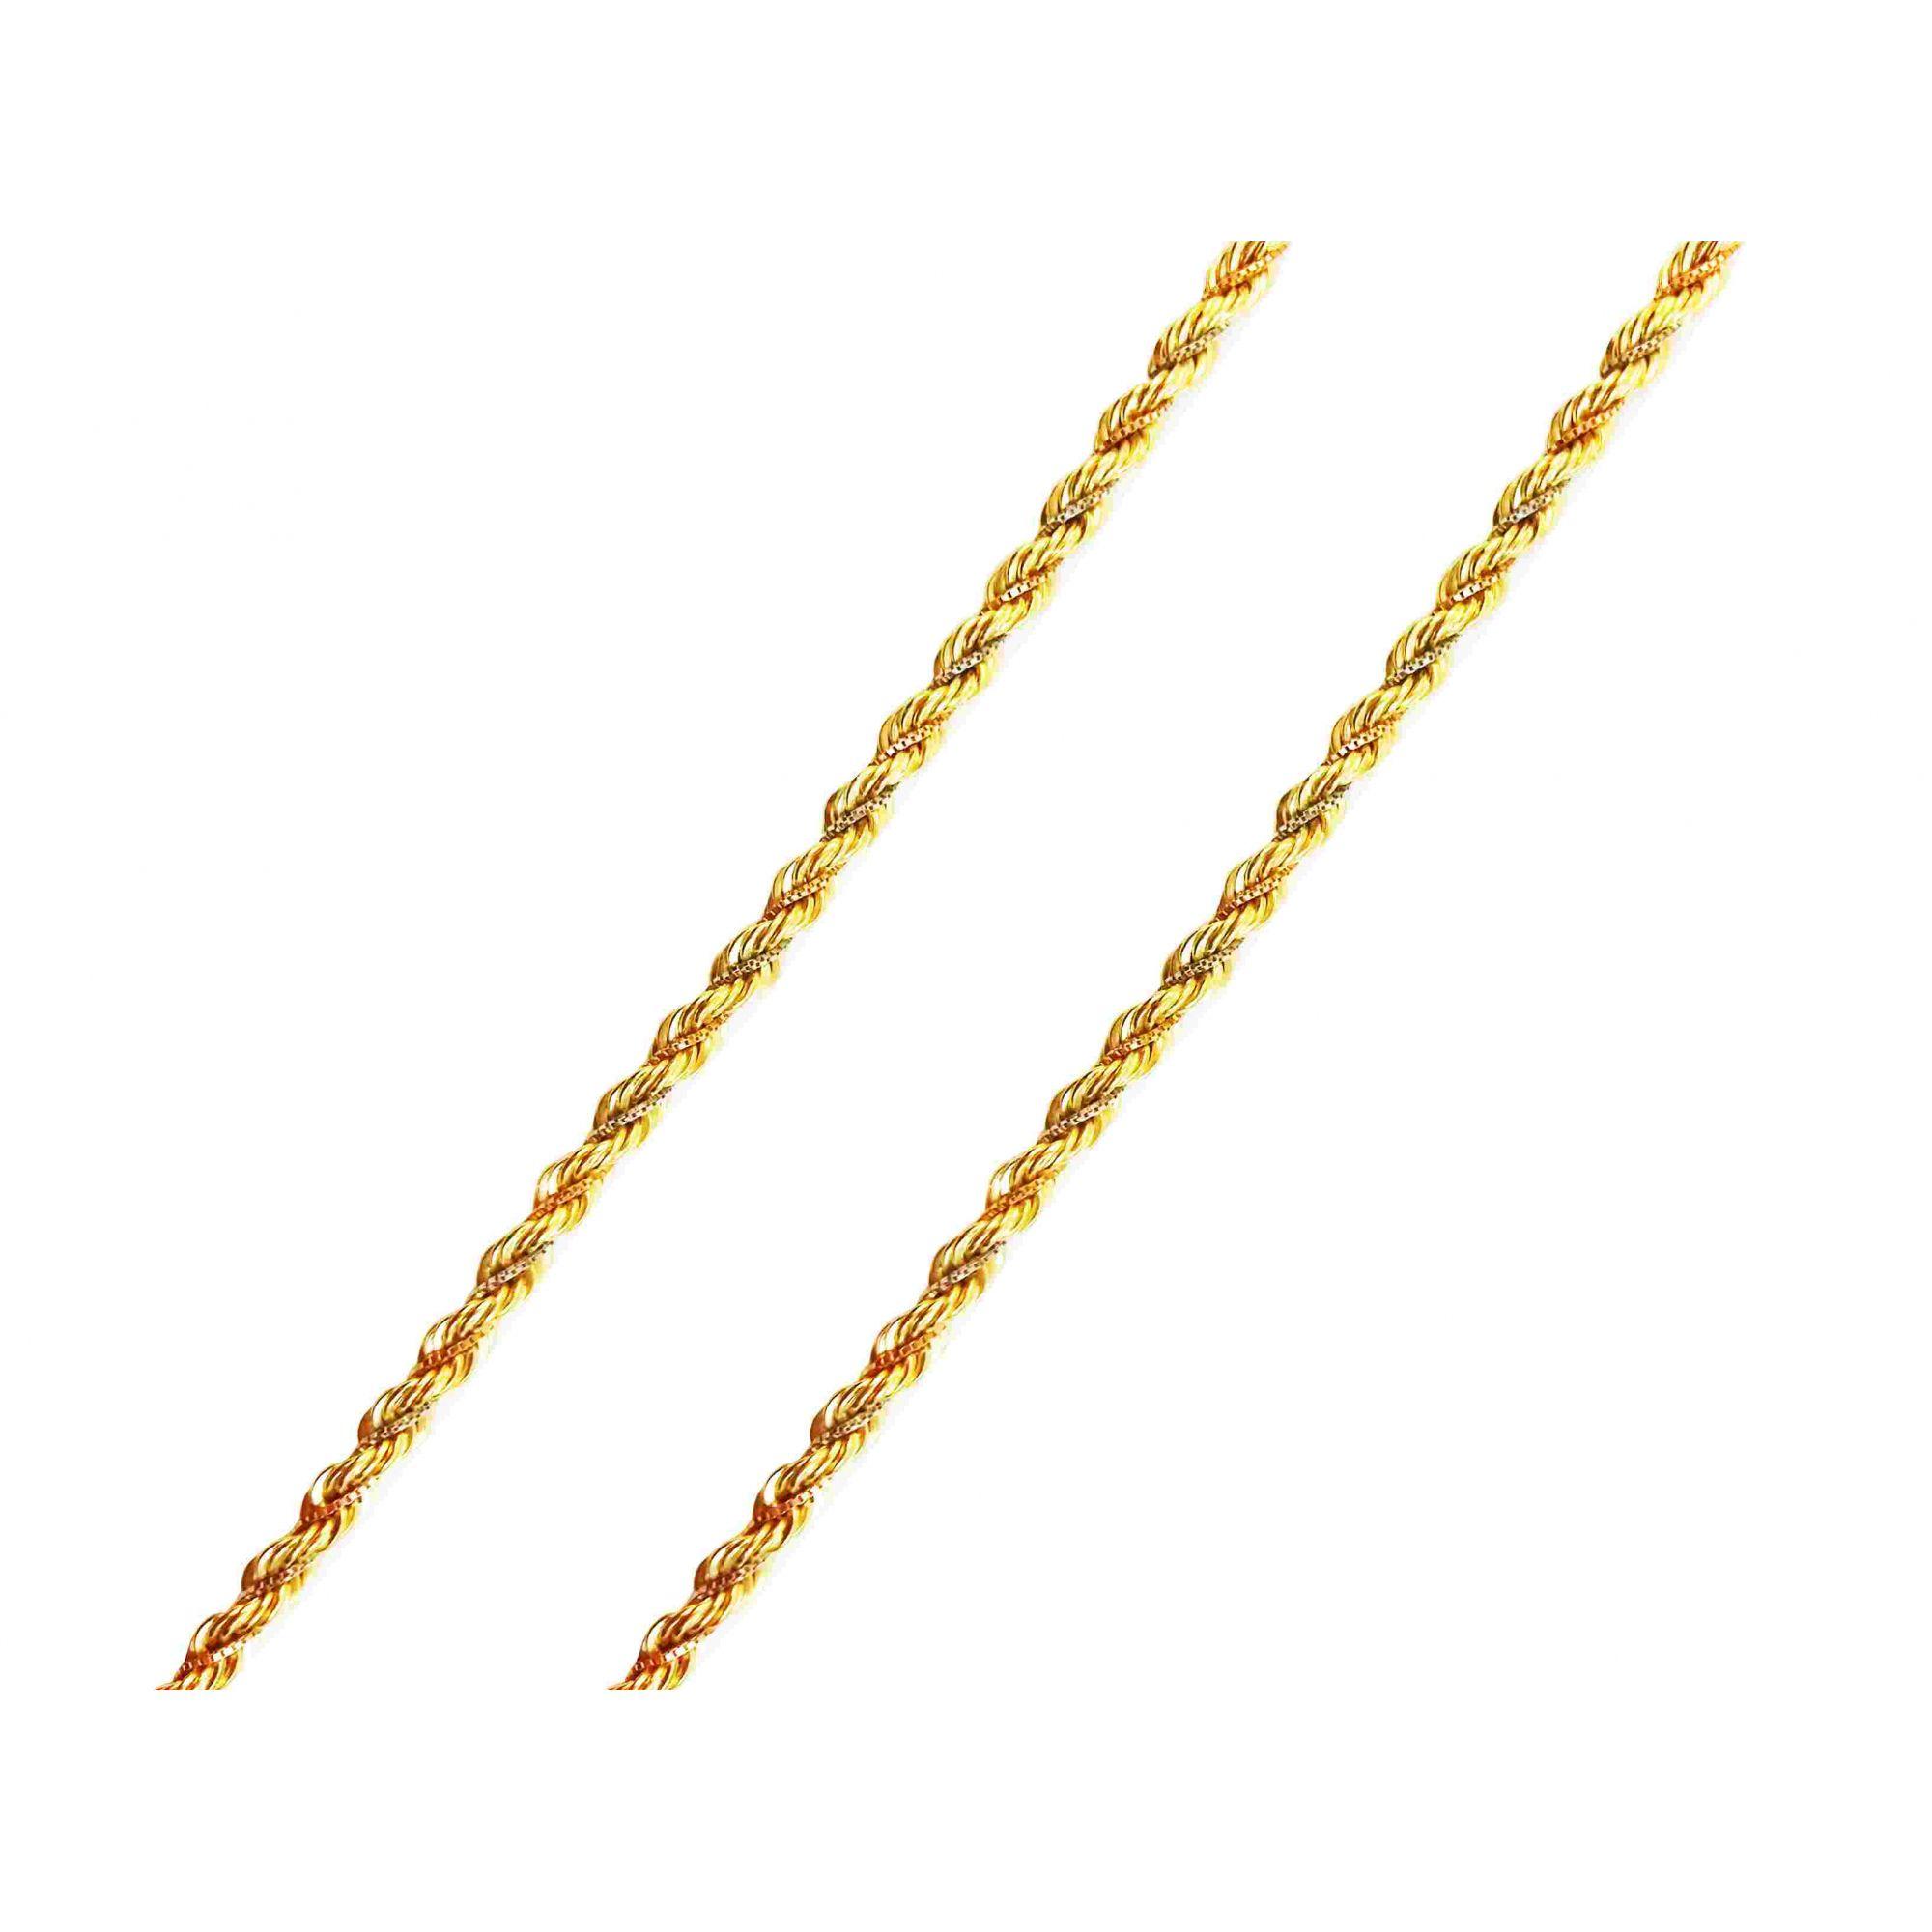 Corrente Cordão Italiano Torcido 3 Cores Ouro Amarelo 18k L 58